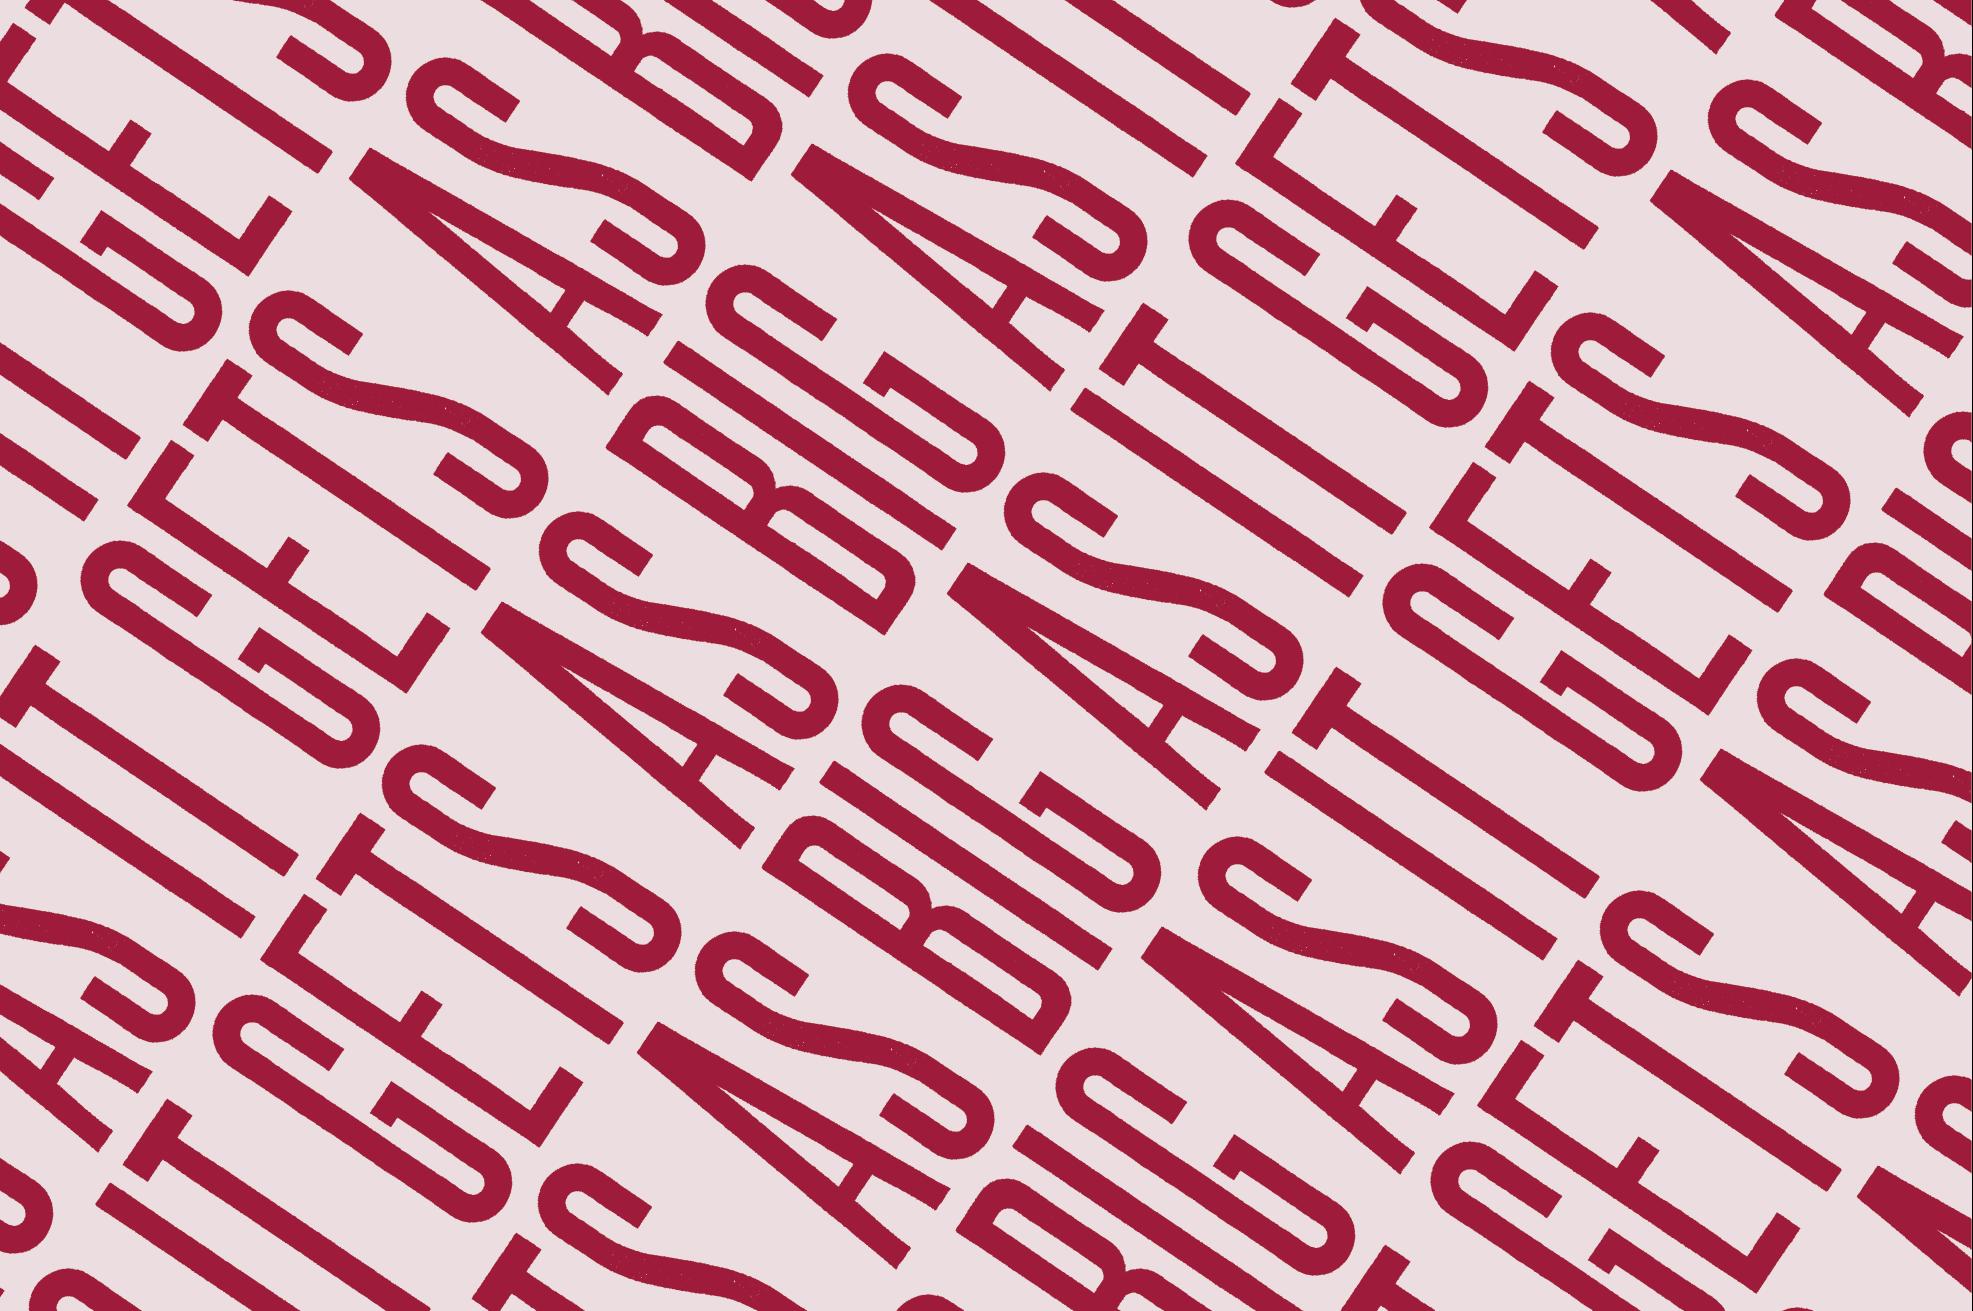 motif as big as you get, page de garde illlustrée par ichetkar pour le mag de designerbox